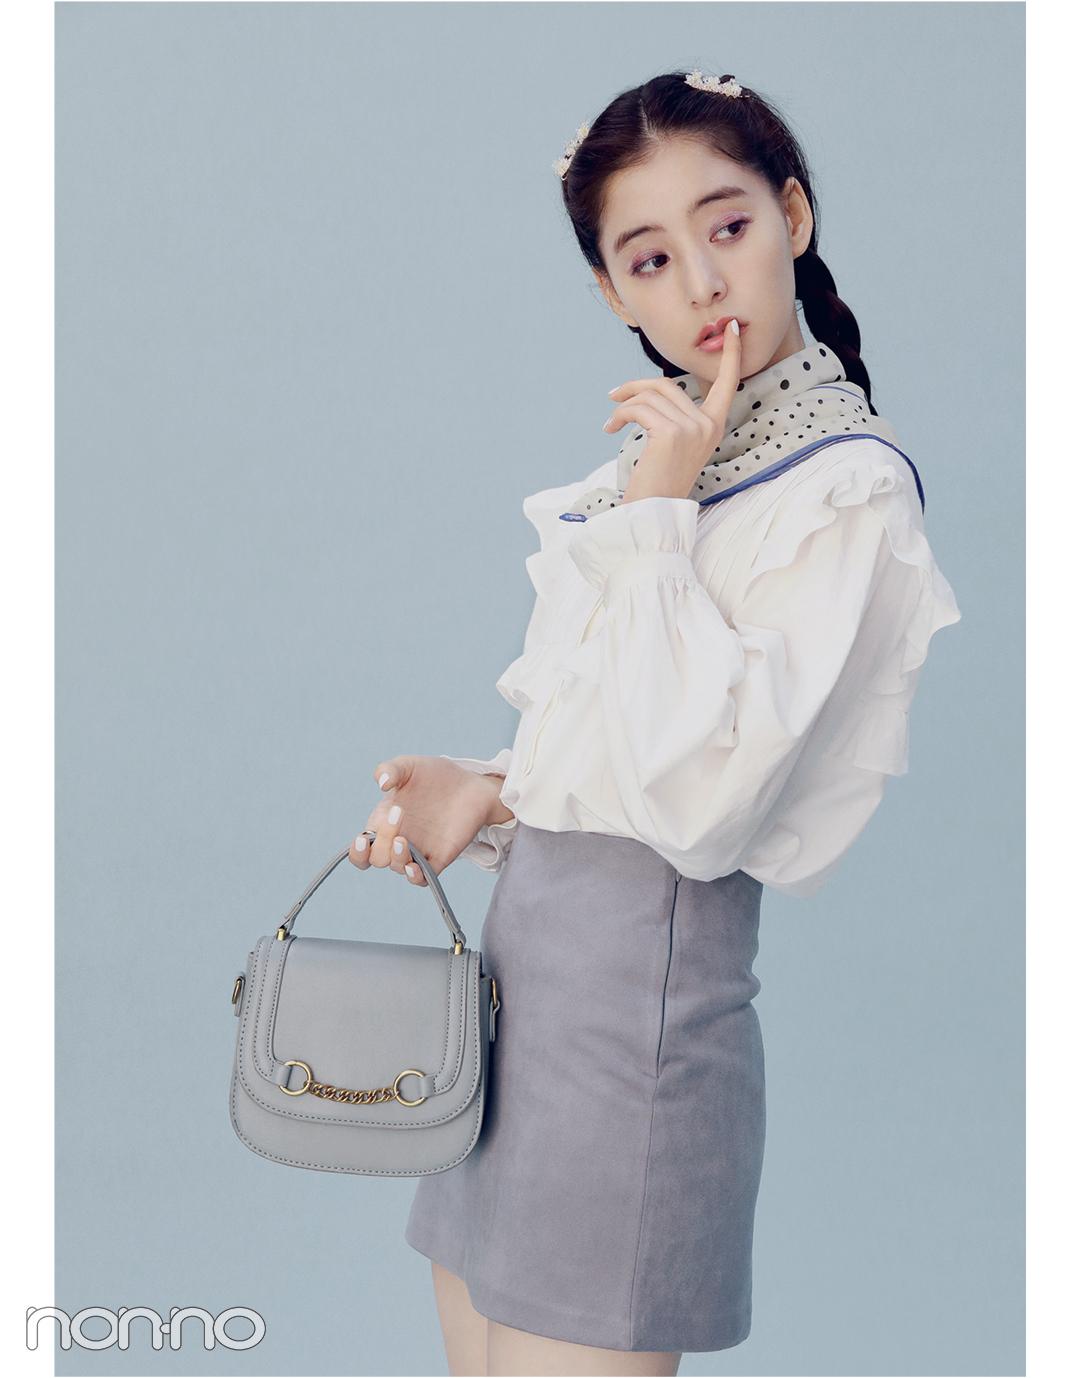 【2021年春トレンド】バッグ、靴を買うならこの色!_1_2